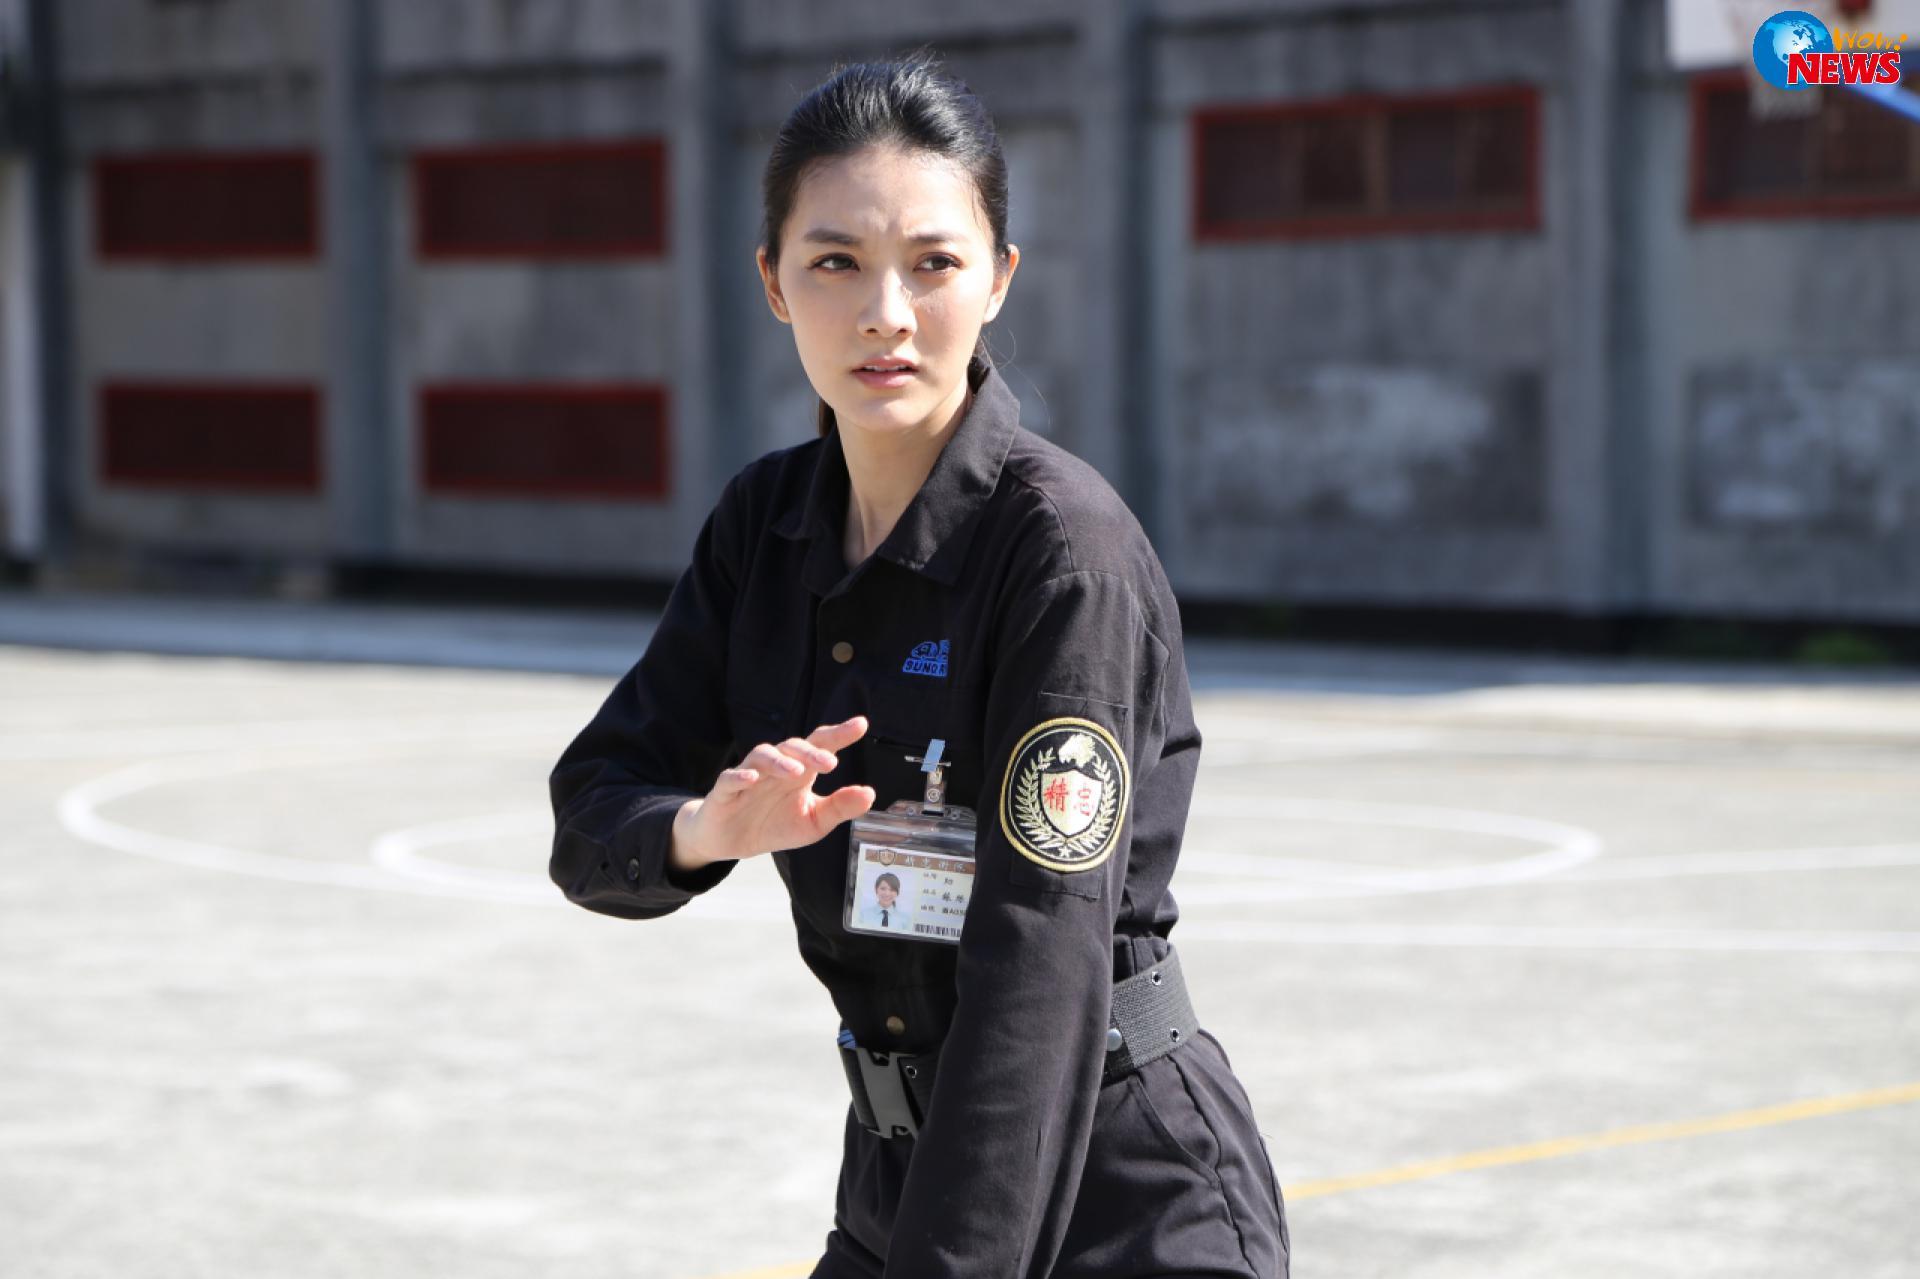 《一代新兵之八极少年》武术军官大展拳脚吴亚馨朝女打仔路线前进 LIFE生活网